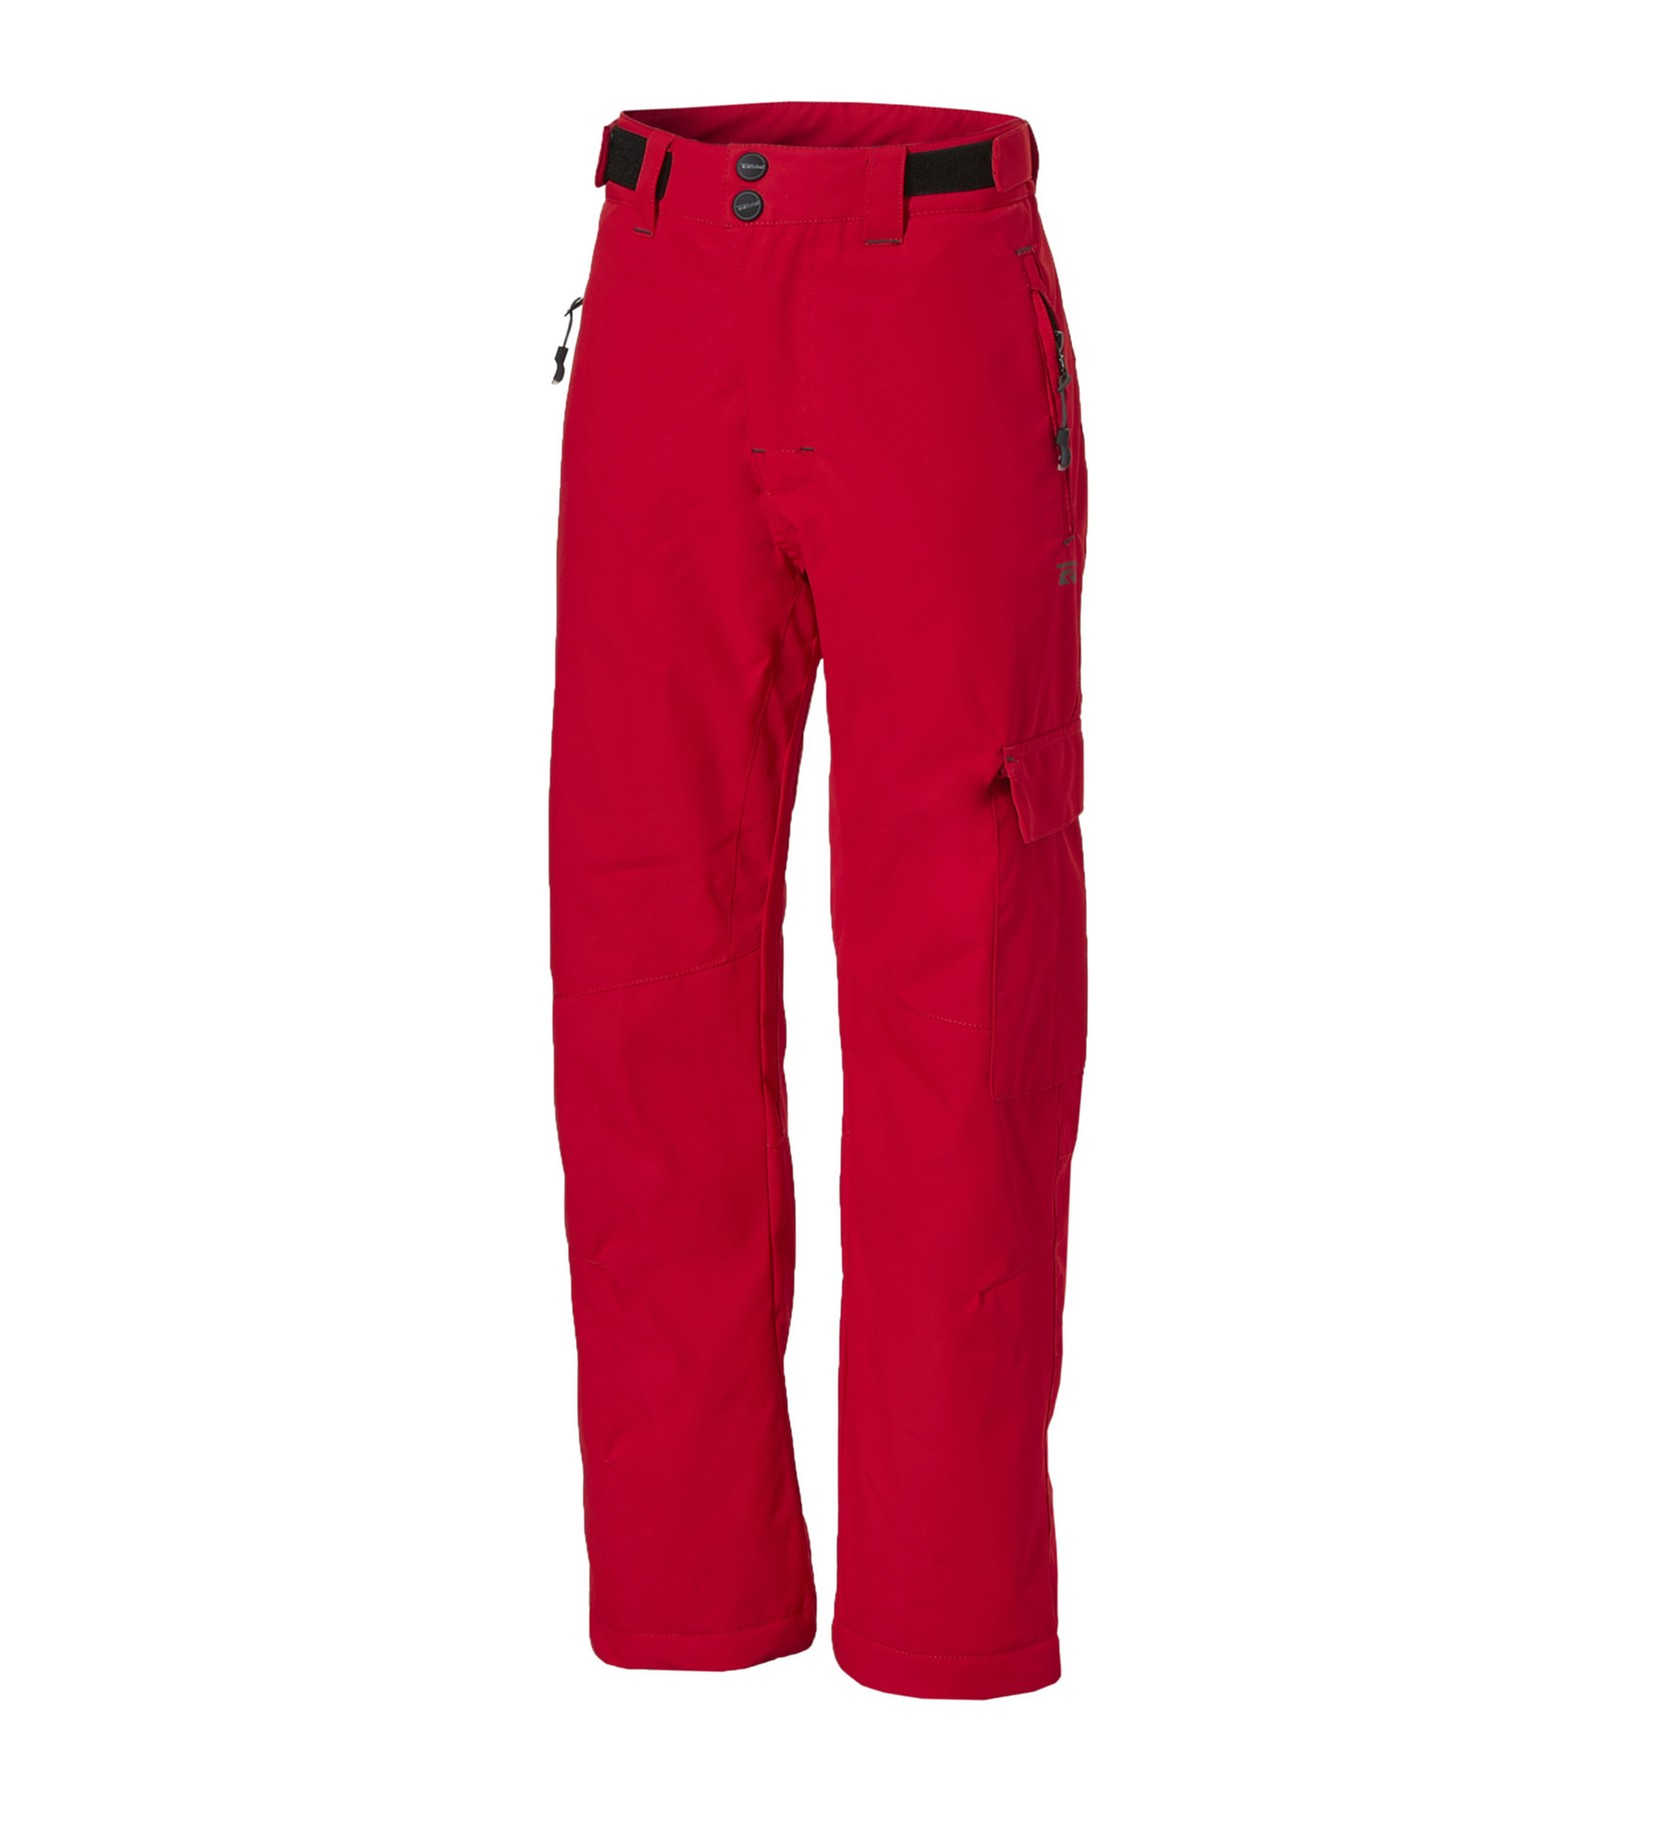 Rehall Dickey P - pantaloni snowboard - bambino